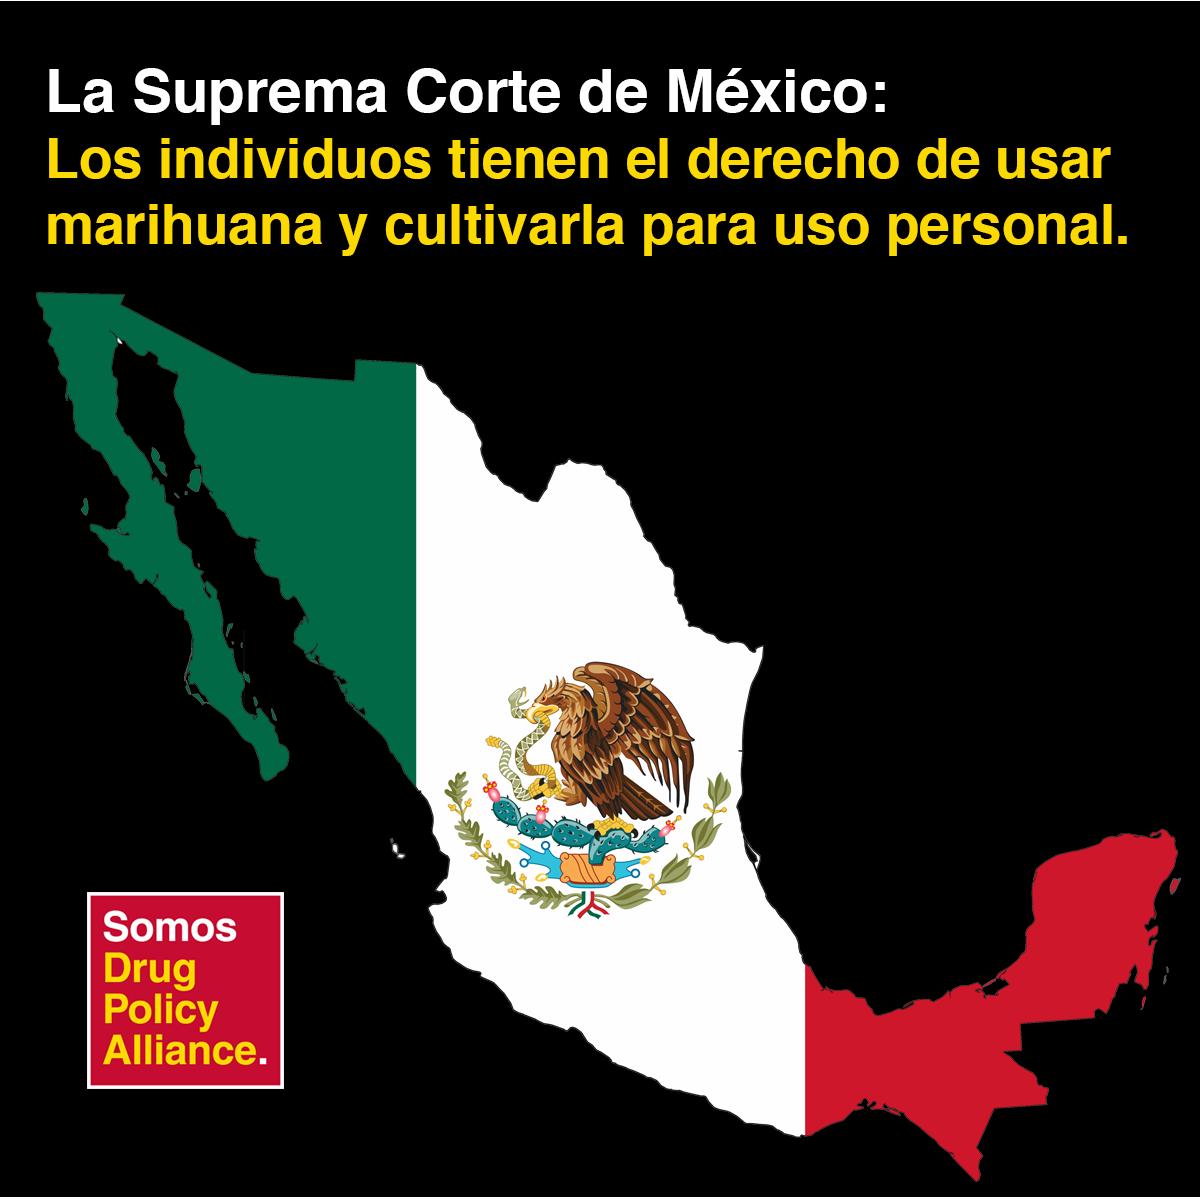 Los individuos tienen derecho de usar #marihuana y cultivarla para uso personal. Lo dice la Suprema Corte de México https://t.co/0HmwpaMhRi